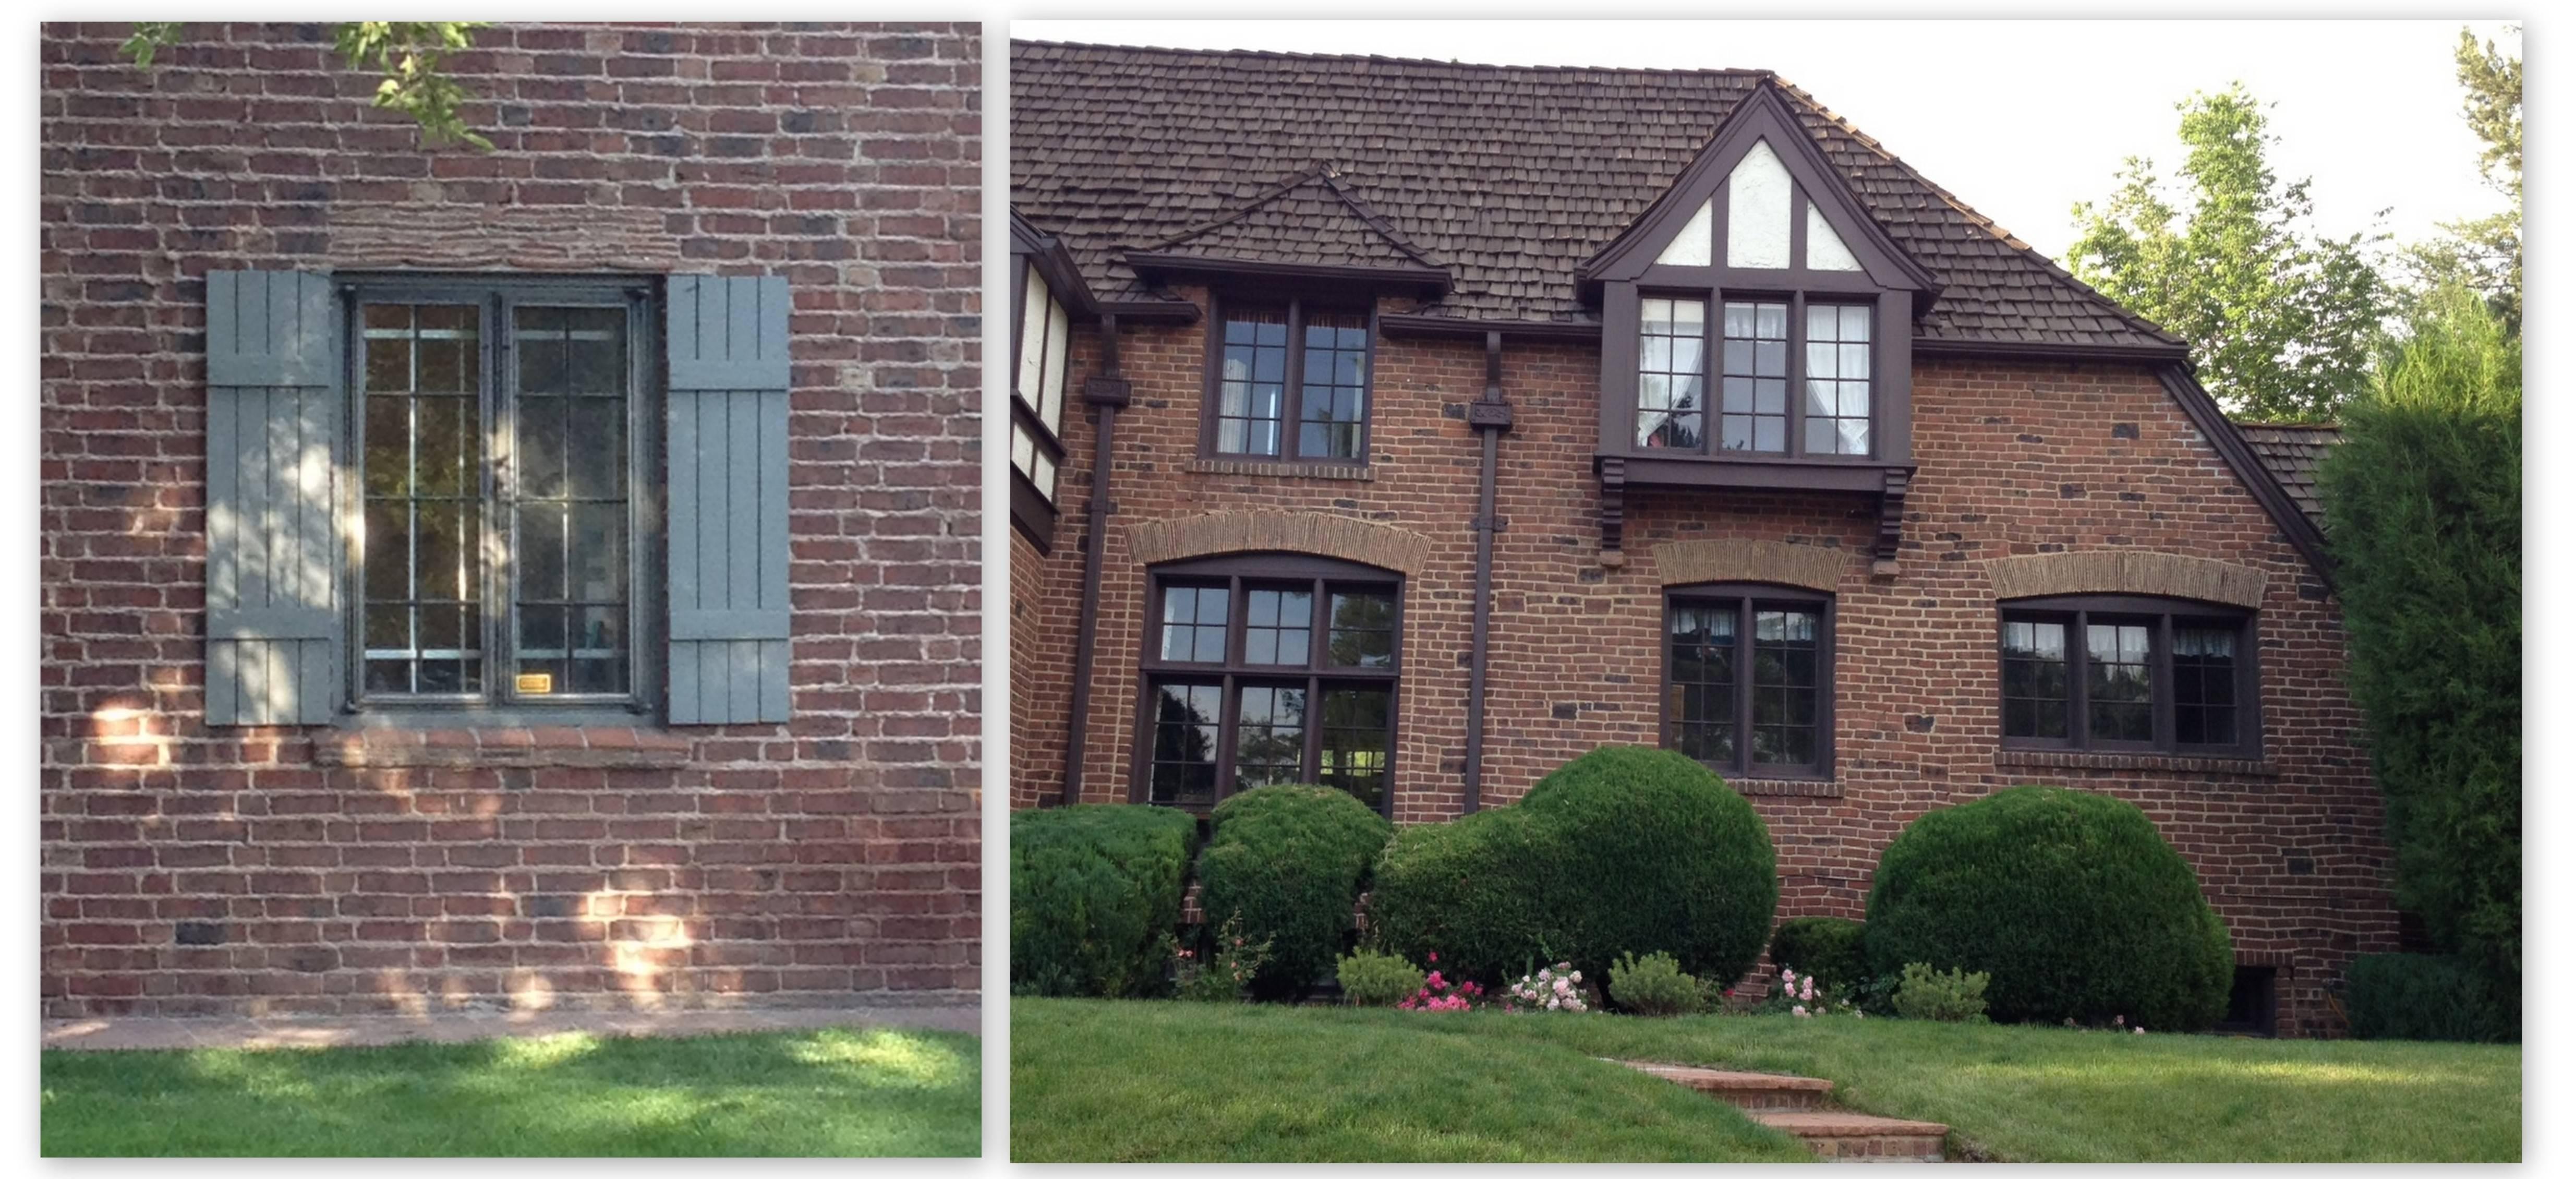 New Brick Home Designs Design Interior